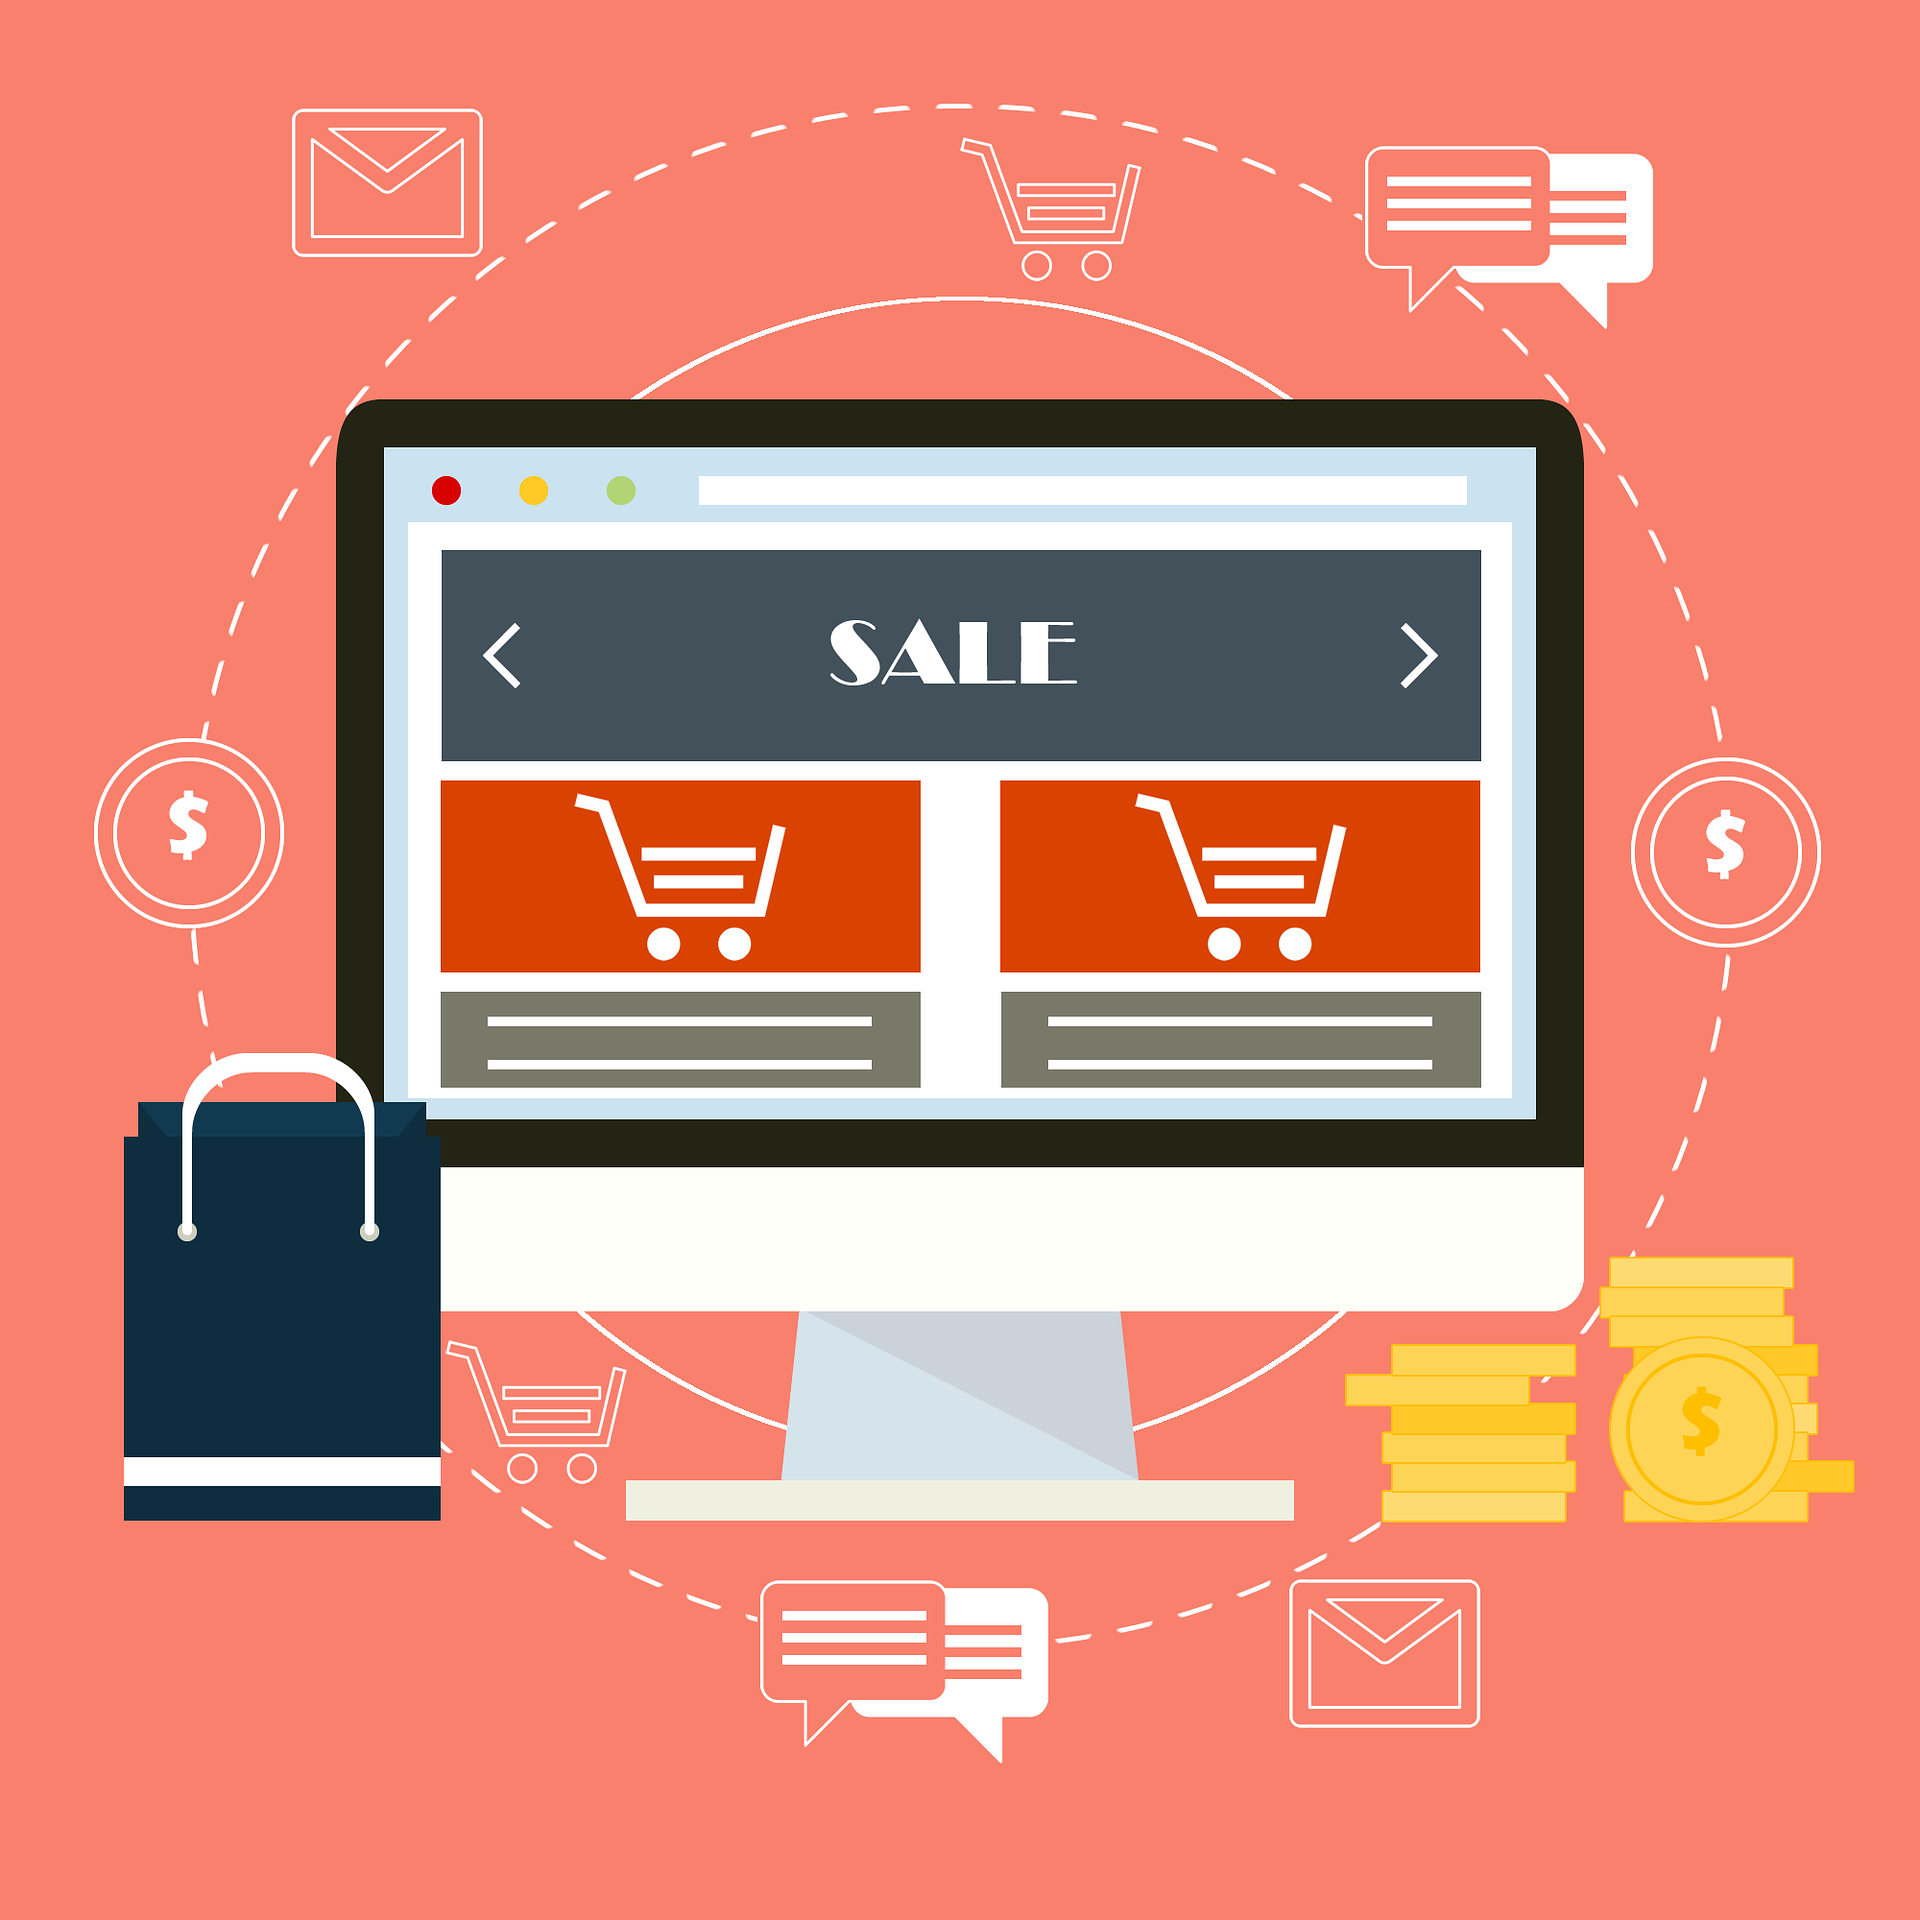 E-Ticaret Siteleri İçin Satış Arttırma Stratejileri